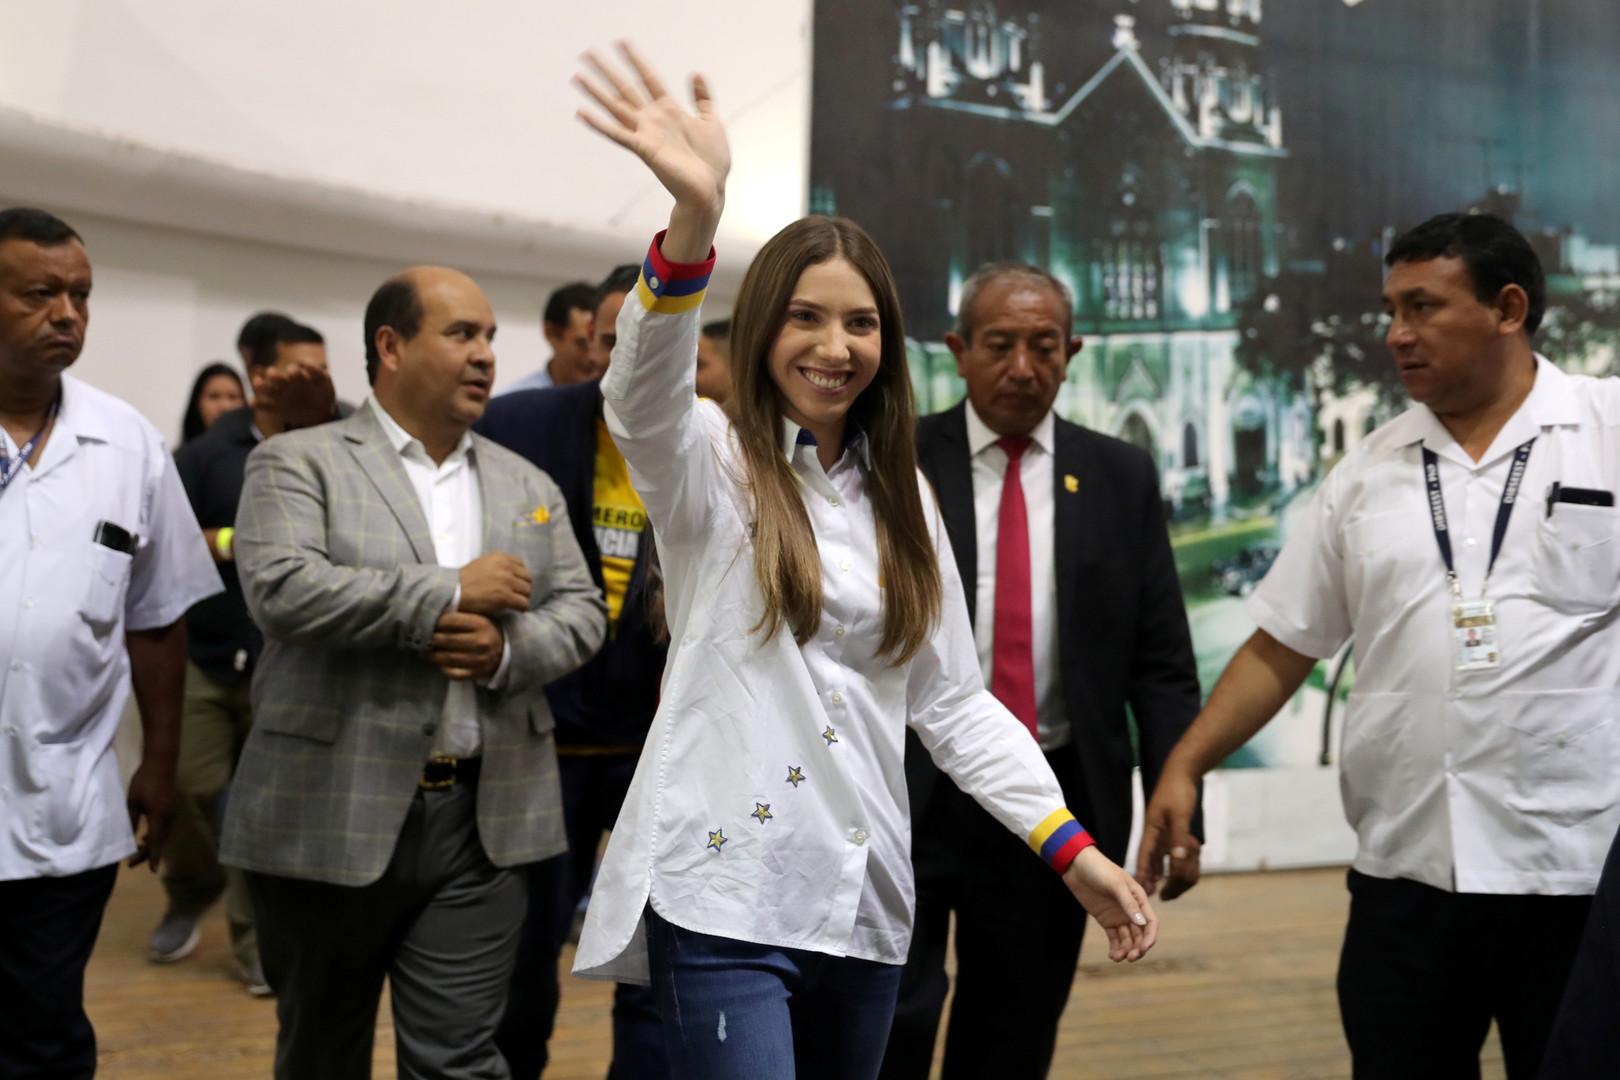 زوجة غوايدو لمادورو: يكفي بالفعل!